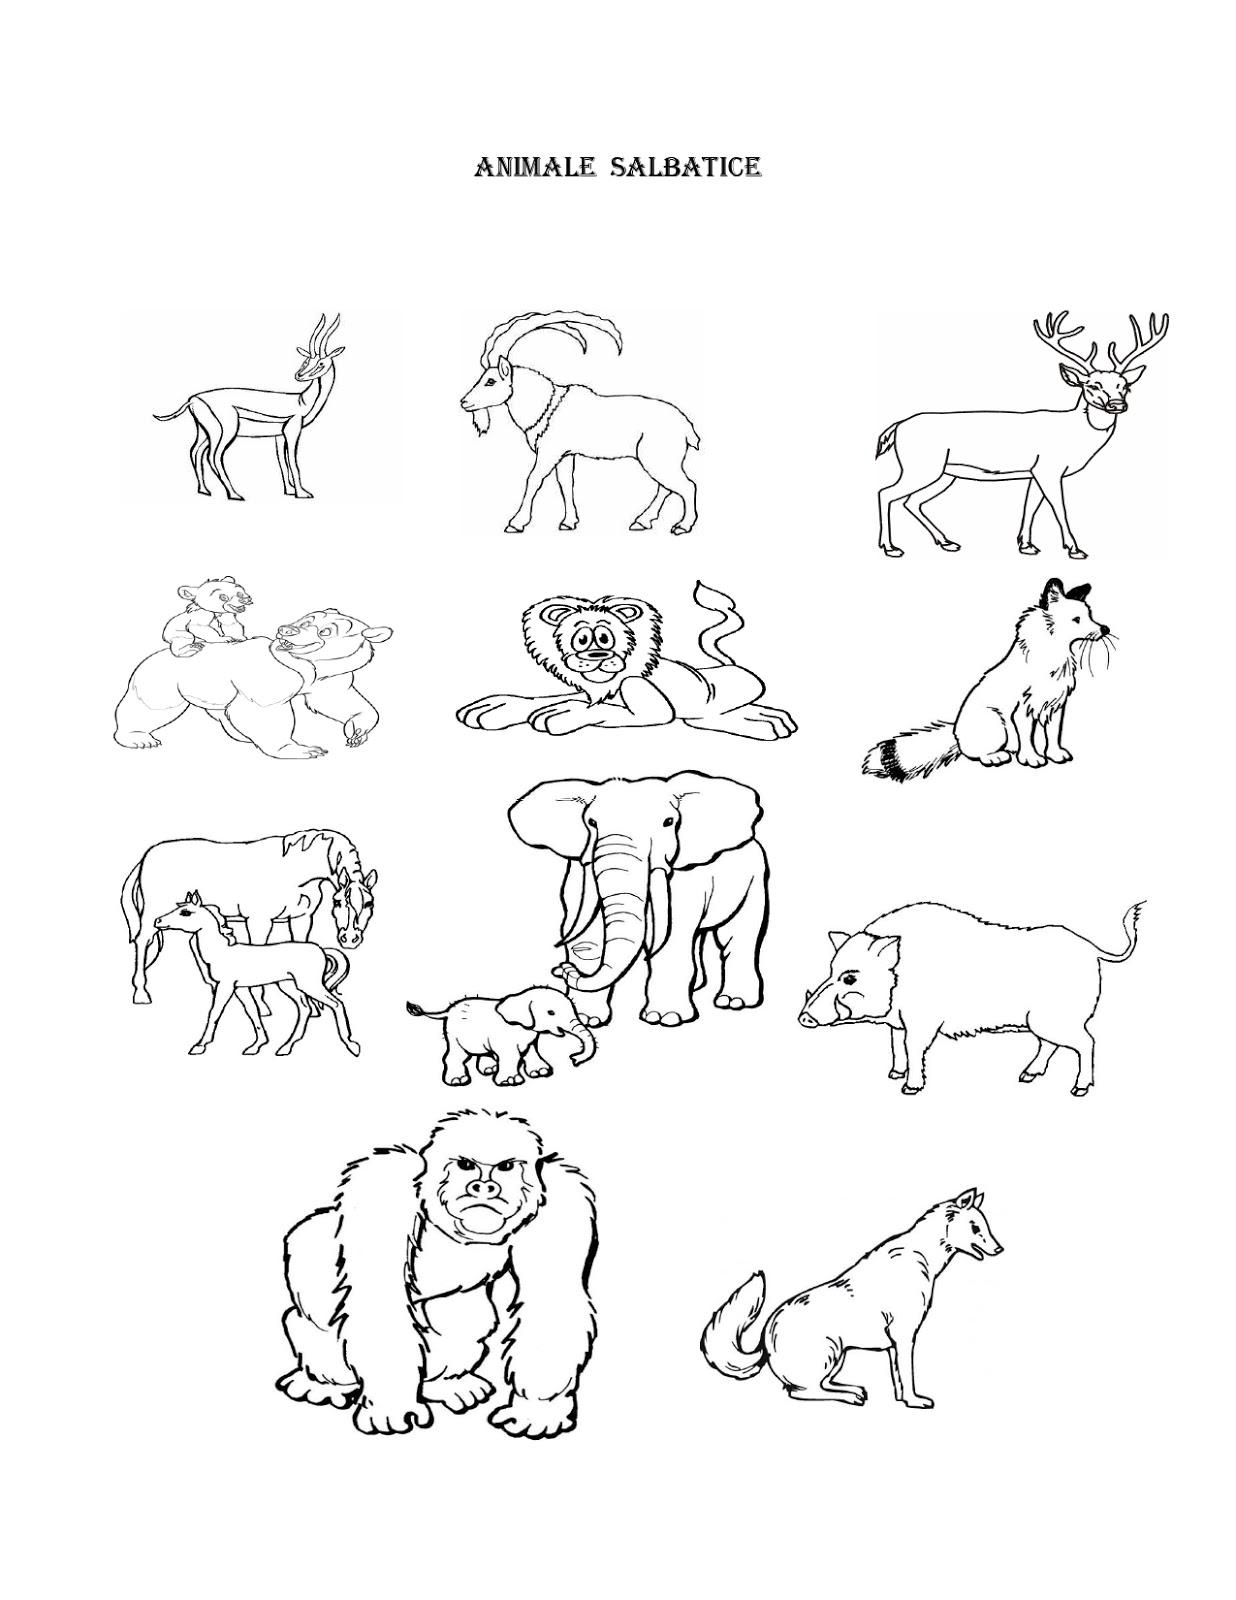 Animale Salbatice Daca Doriti Si Imagini Cu Animale Domestice Apasati